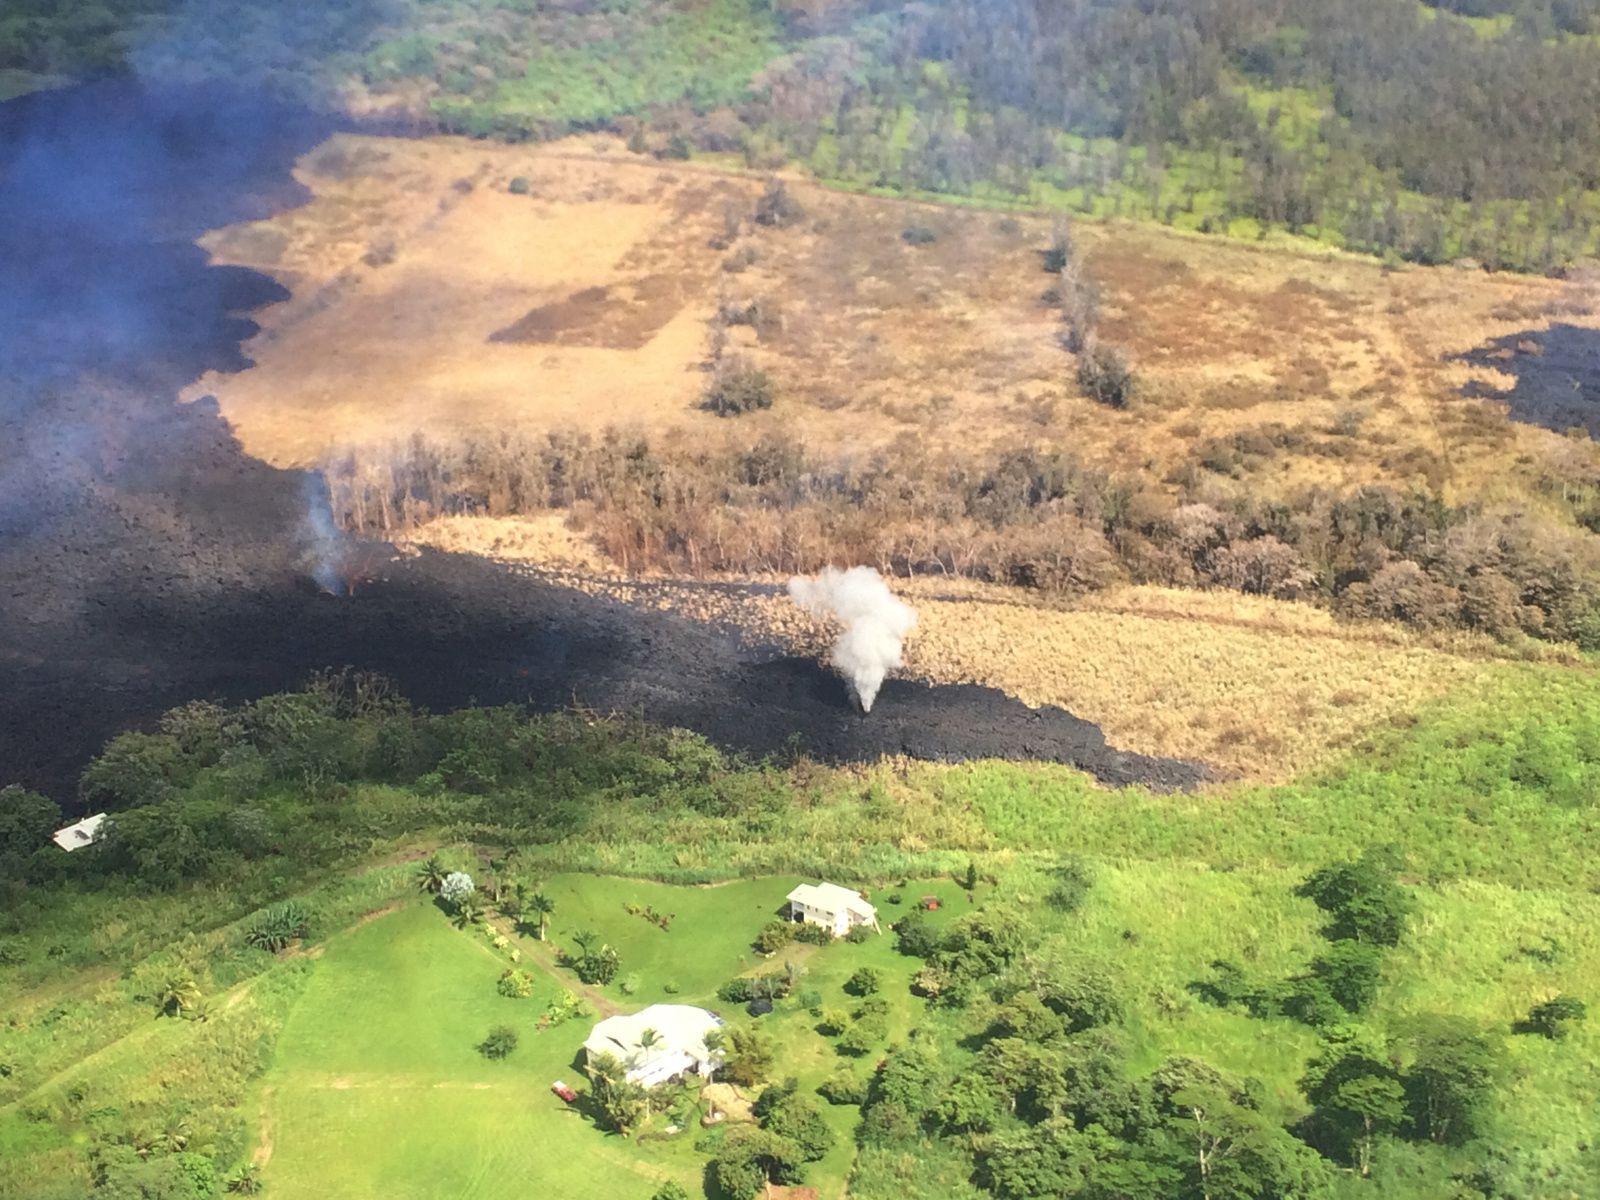 2018.05.14 Kilauea - one de rift Est - 14.05.2018 / 14h30 - Jets de vapeur sur la fissure 17 dans la zone de Fountaining actif - photo HVO - USGS